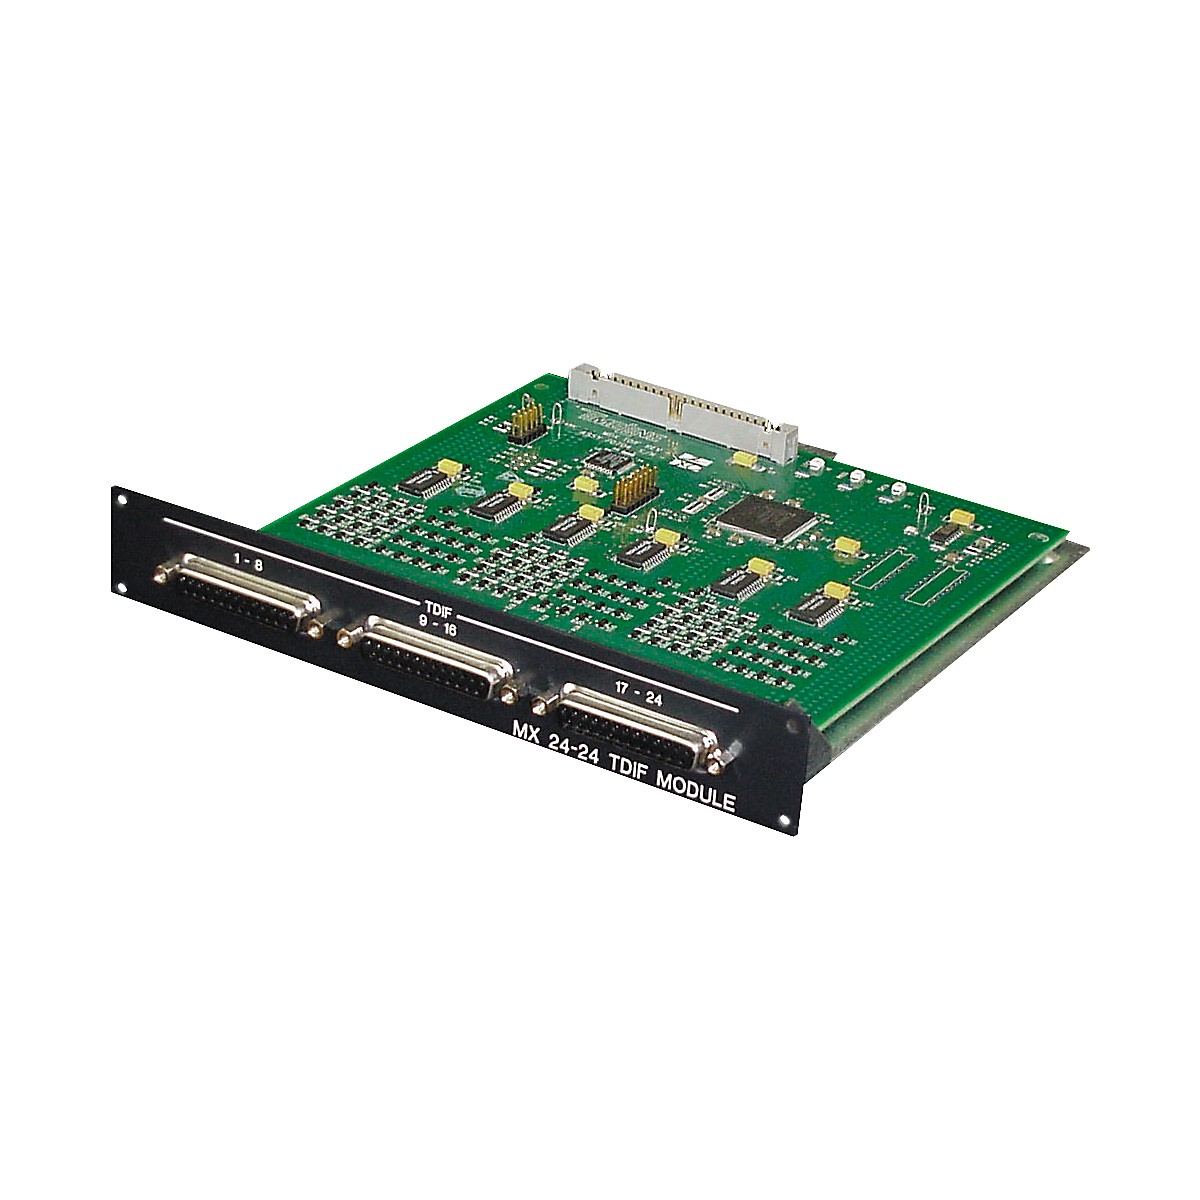 Tascam IF-TD24 TDIF Digital I/O Expansion Module for MX2424